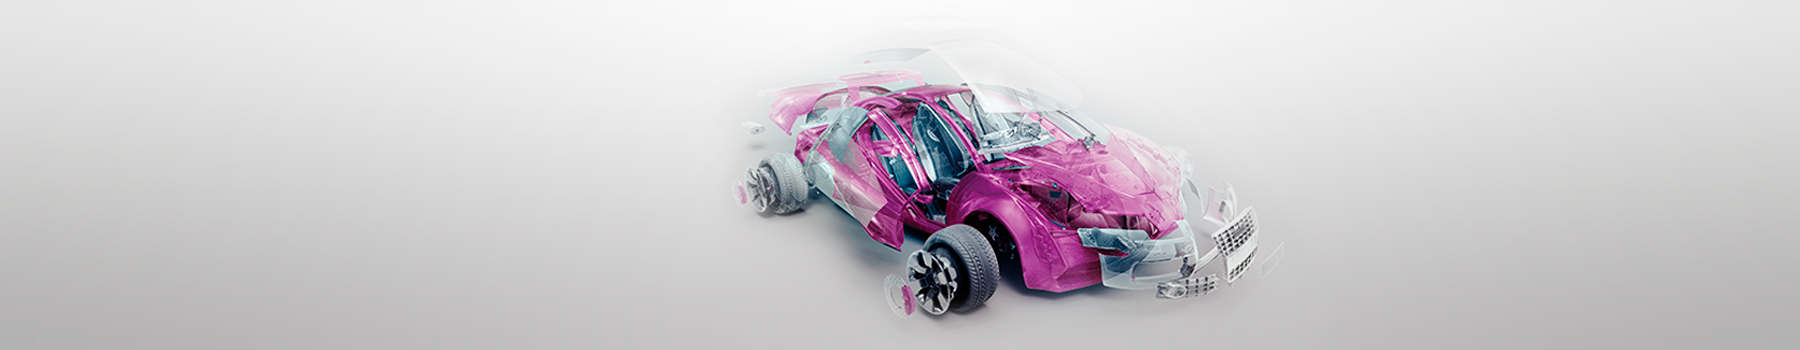 Slider-Auto